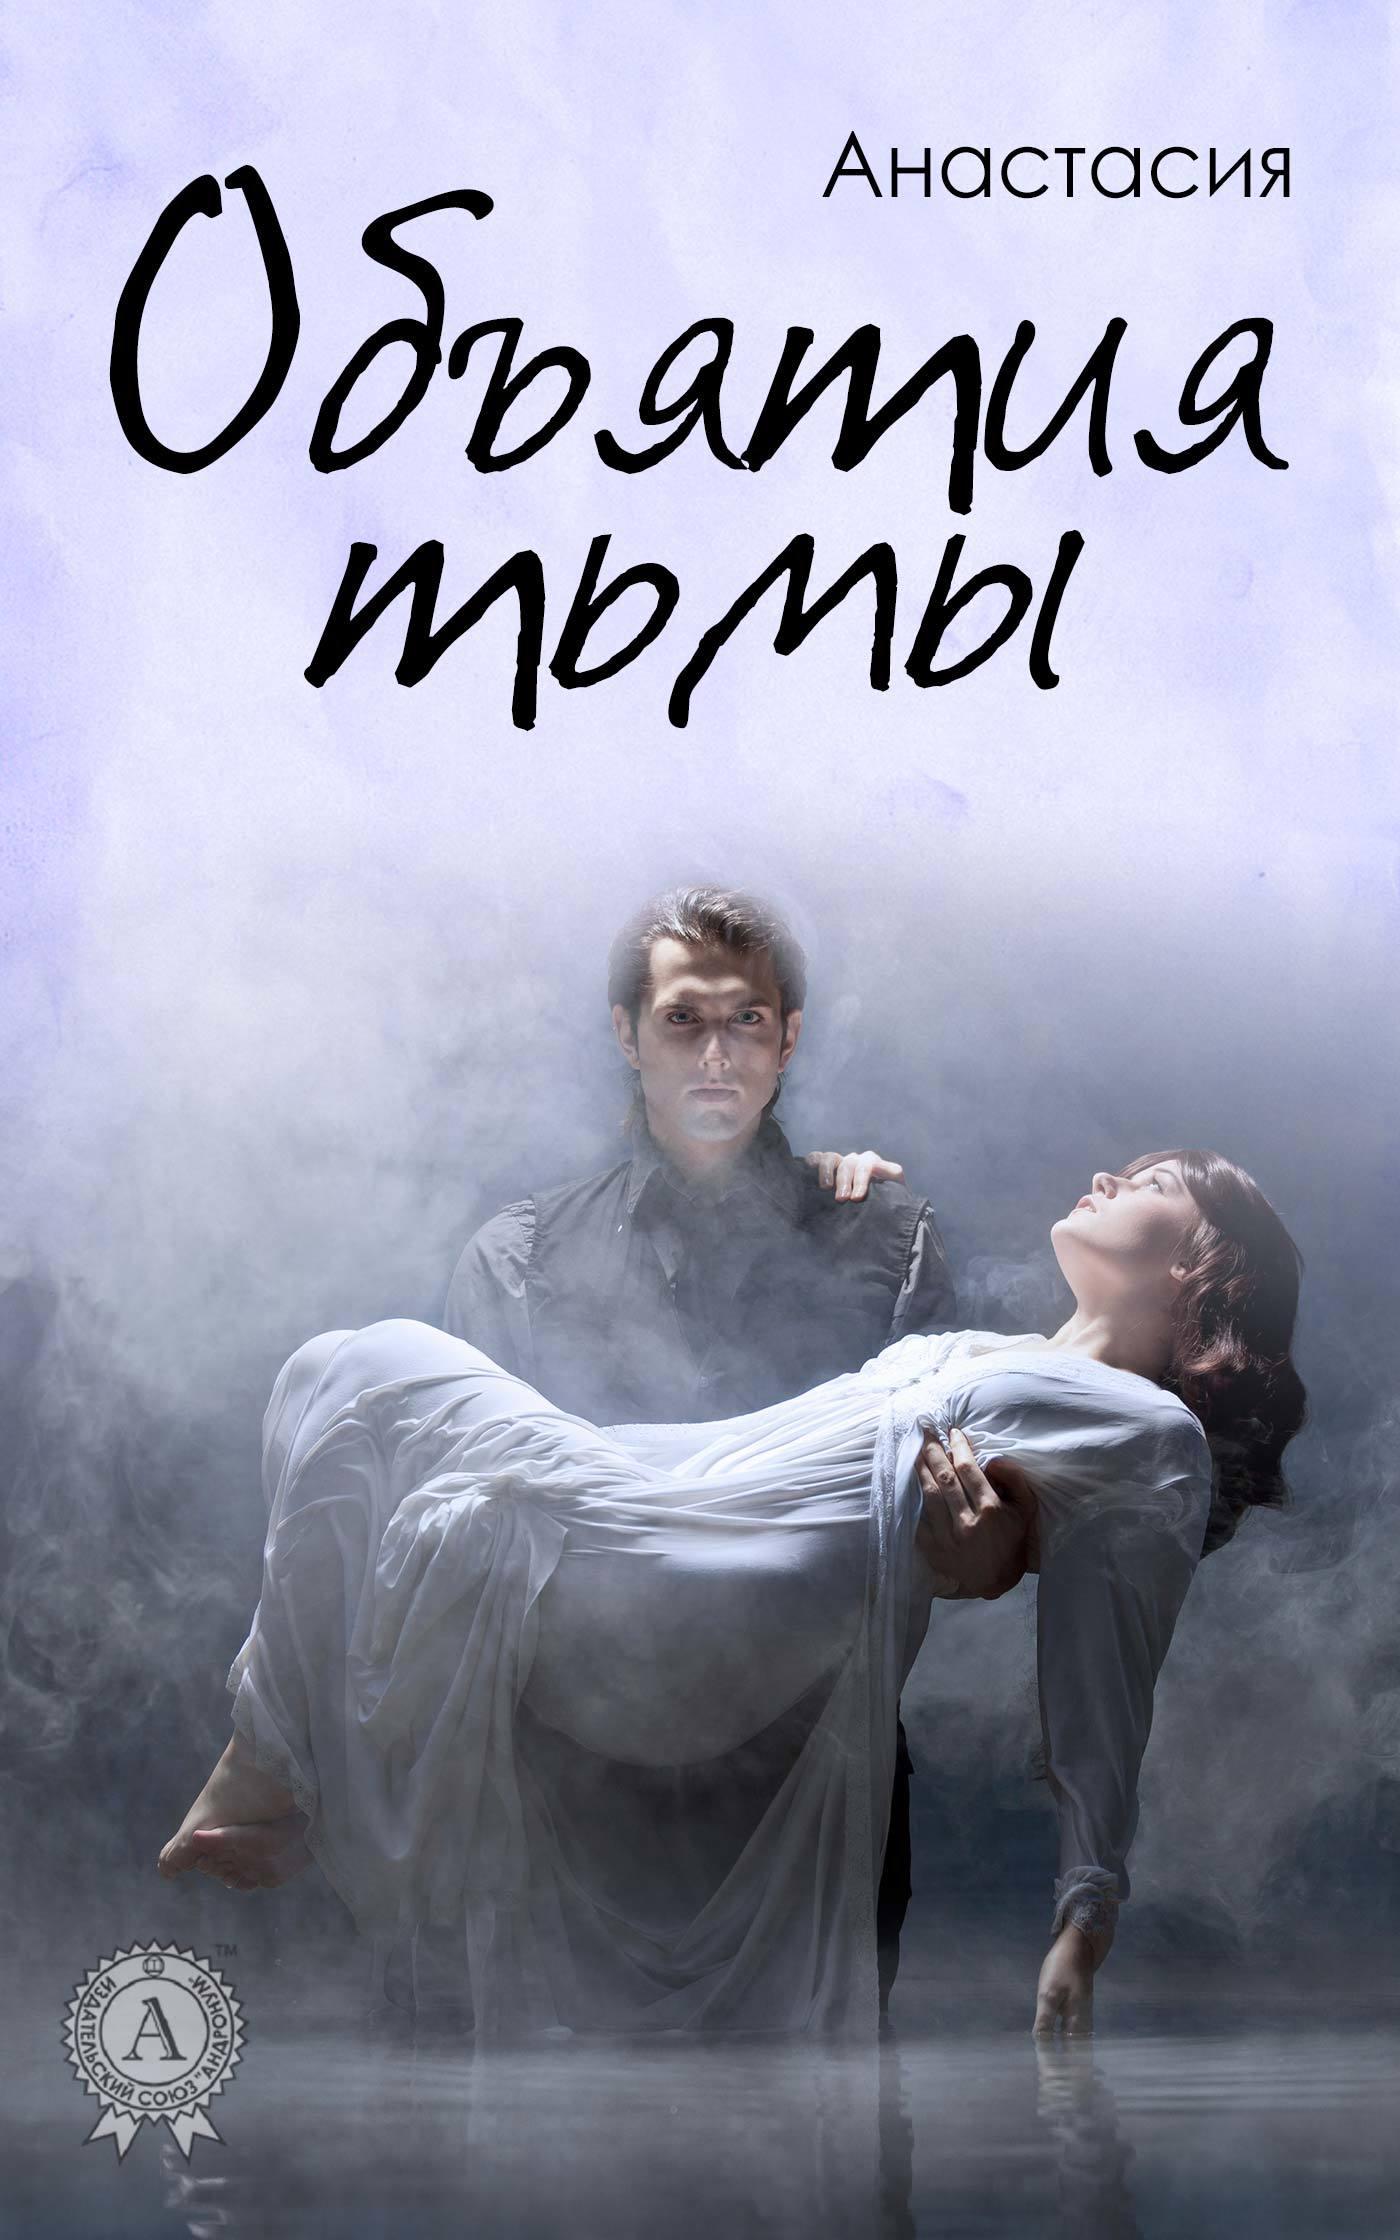 Анастасия - Объятия тьмы